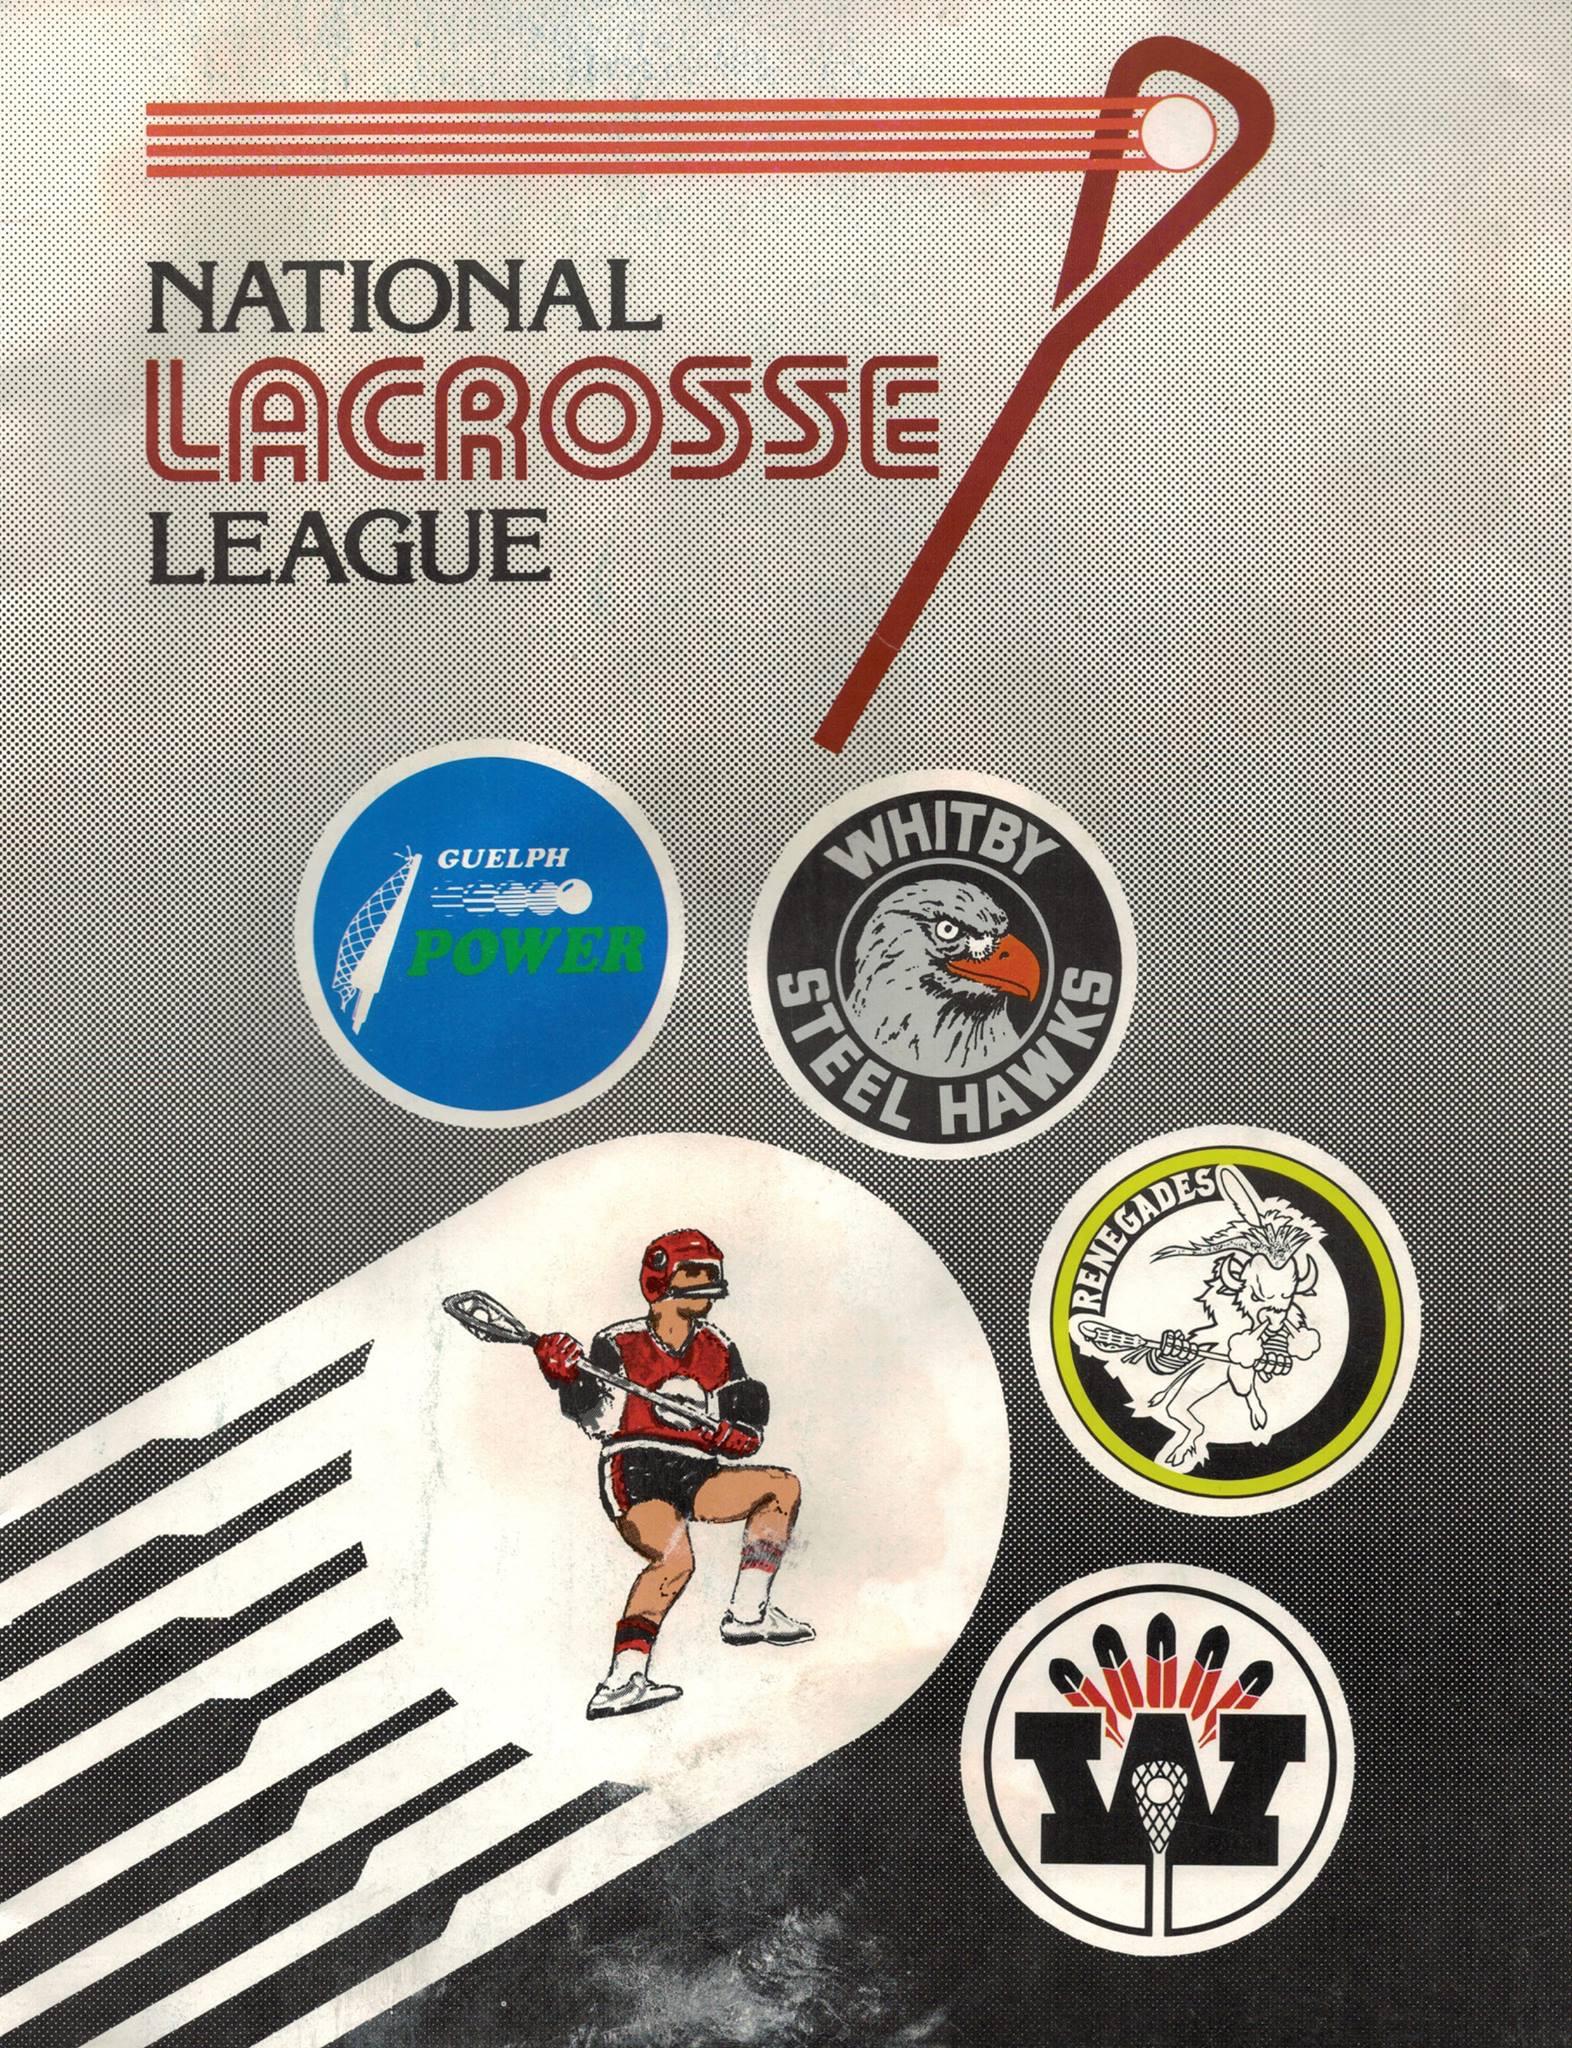 NATIONAL LACROSSE LEAGUE (1991)